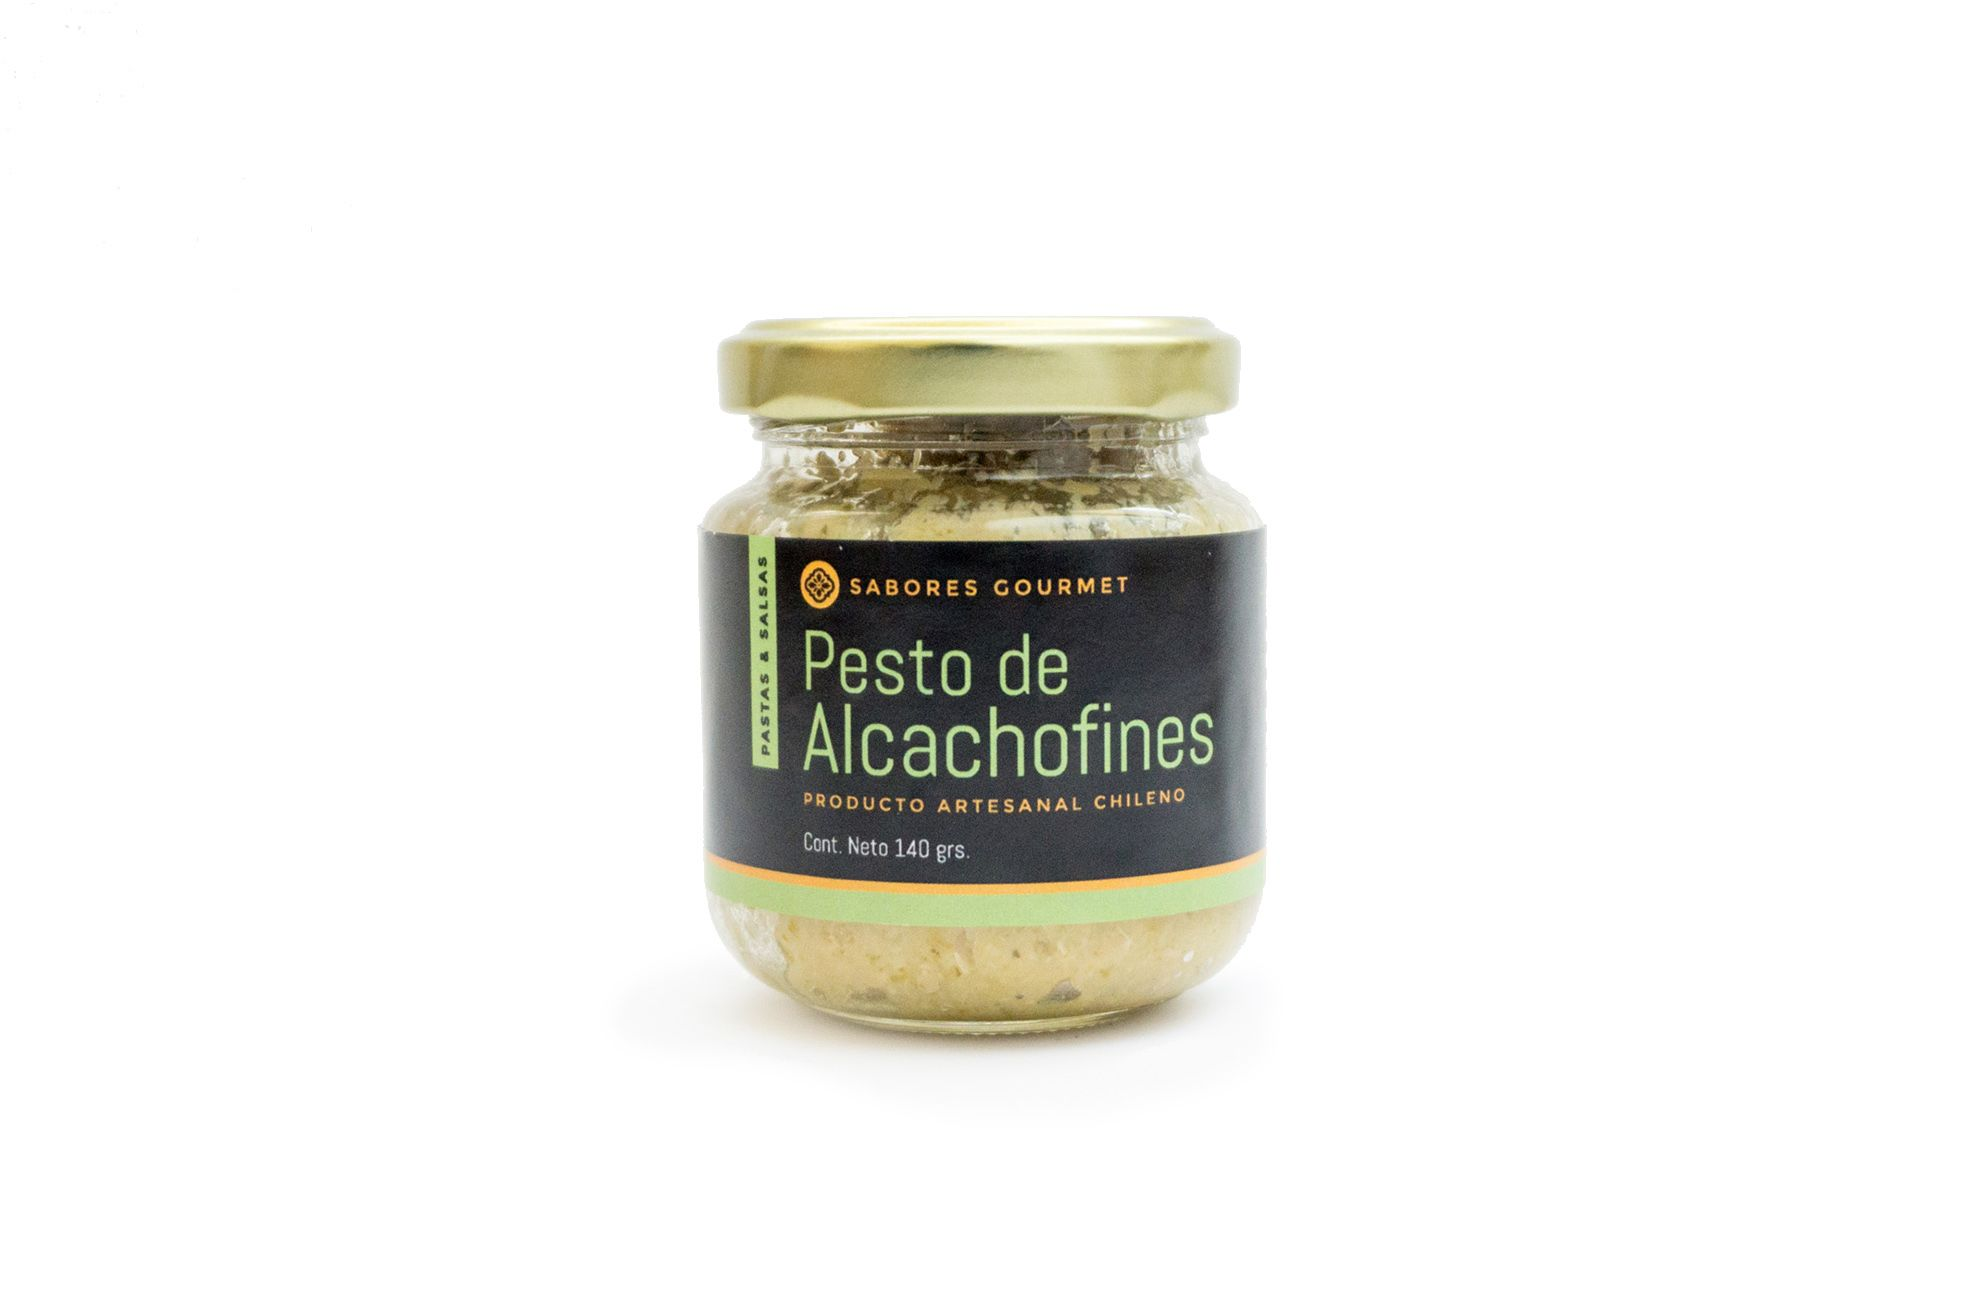 - PESTO DE ALCACHOFINES YCOCINA 140 GRS.-